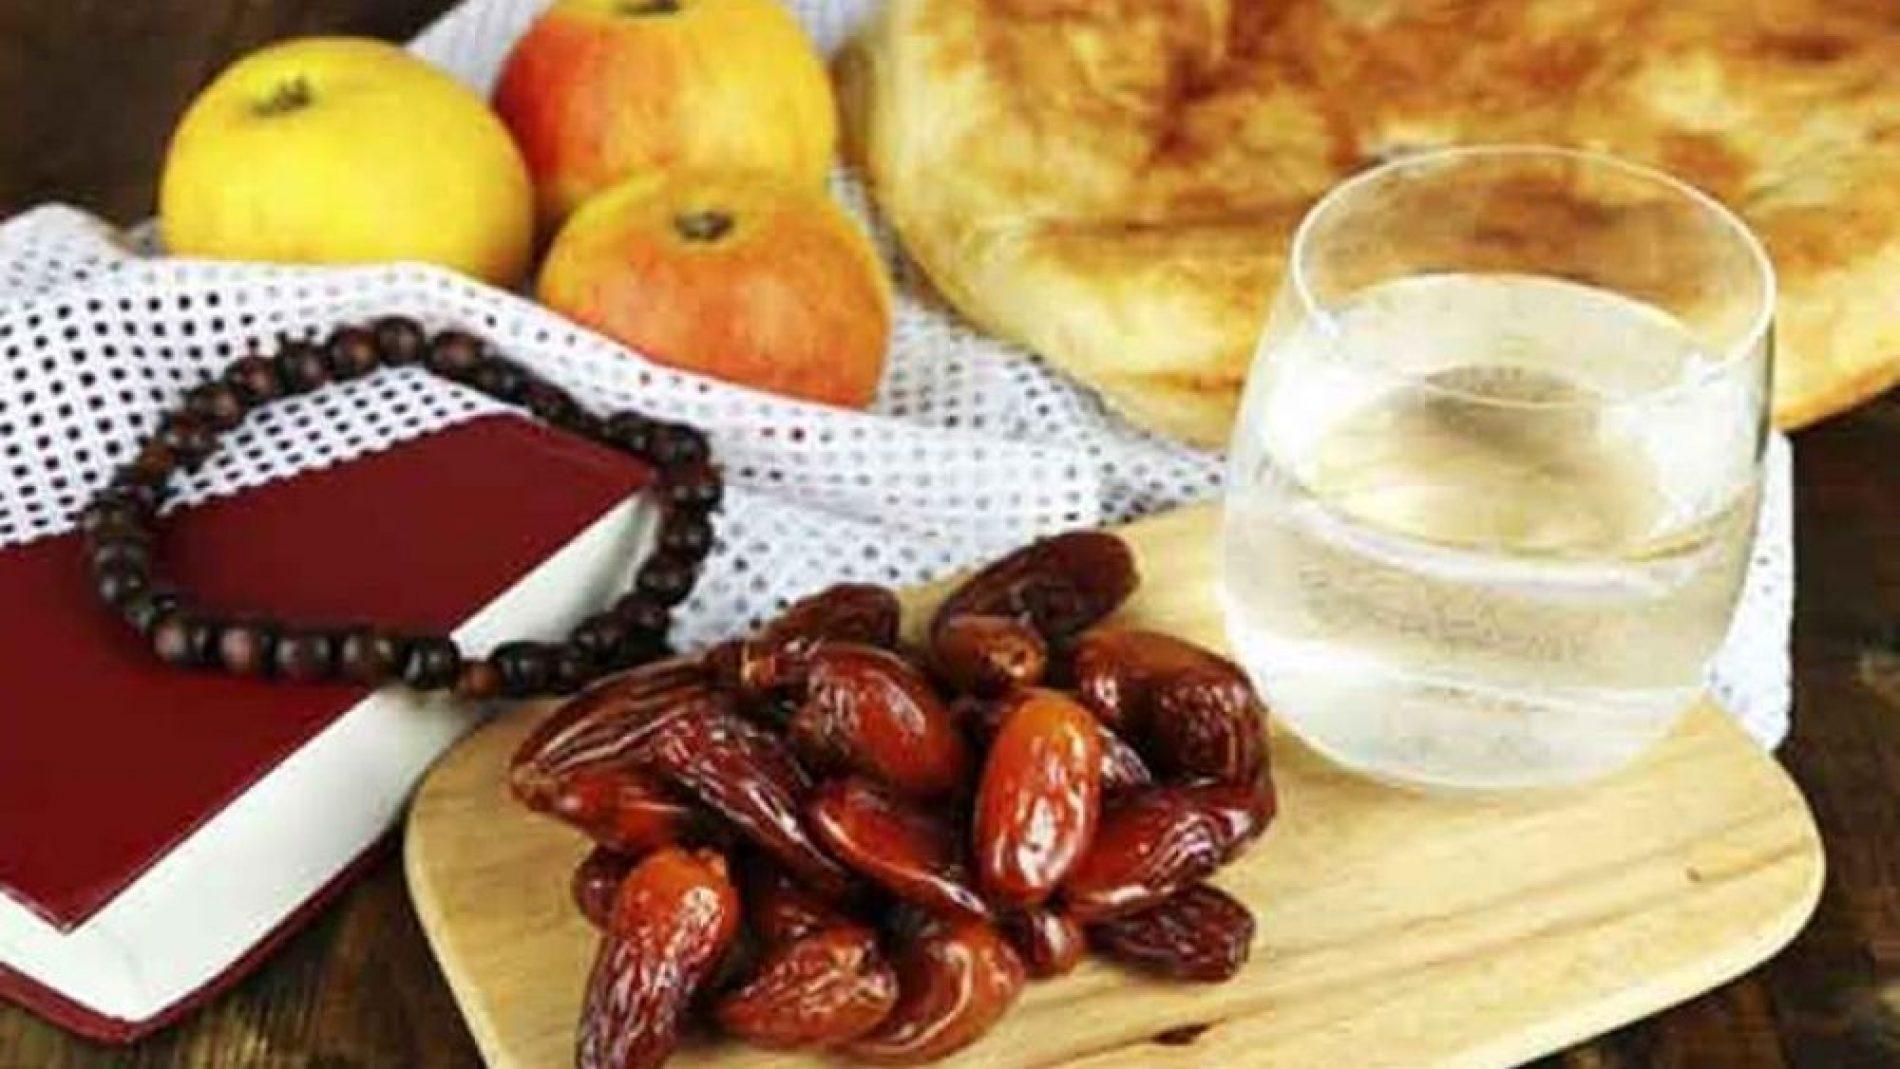 Važnost pravilne ishrane u Ramazanu pod okolnostima izolacije je još izraženija